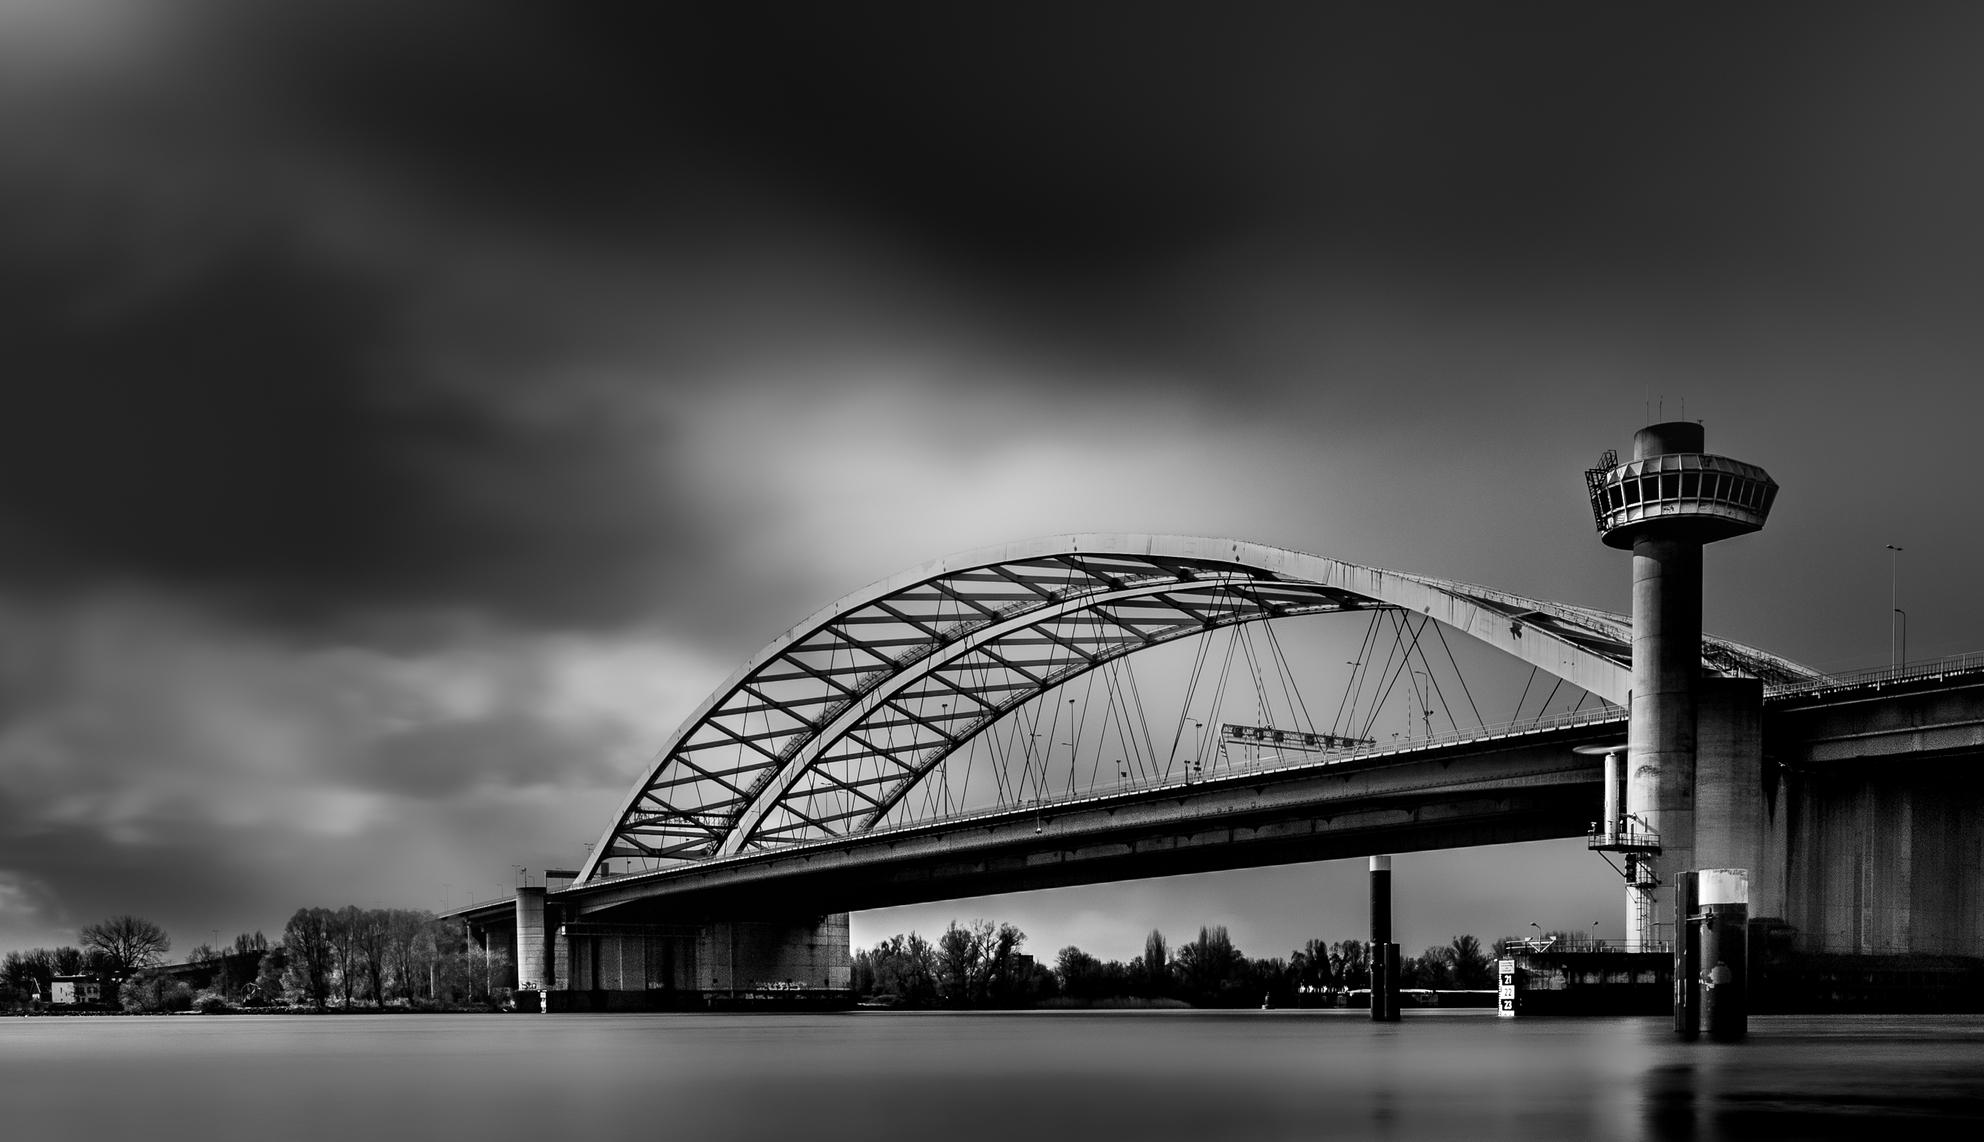 Van Brienenoordbrug  - Lange sluitertijd fotografie. ISO 100 18mm f/10 20 sec.  - foto door Ed600 op 08-04-2021 - locatie: Rotterdam, Nederland - deze foto bevat: water, lucht, gebouw, wolk, gebonden boogbrug, zwart en wit, stadsgezicht, brug, stad, grootstedelijk gebied